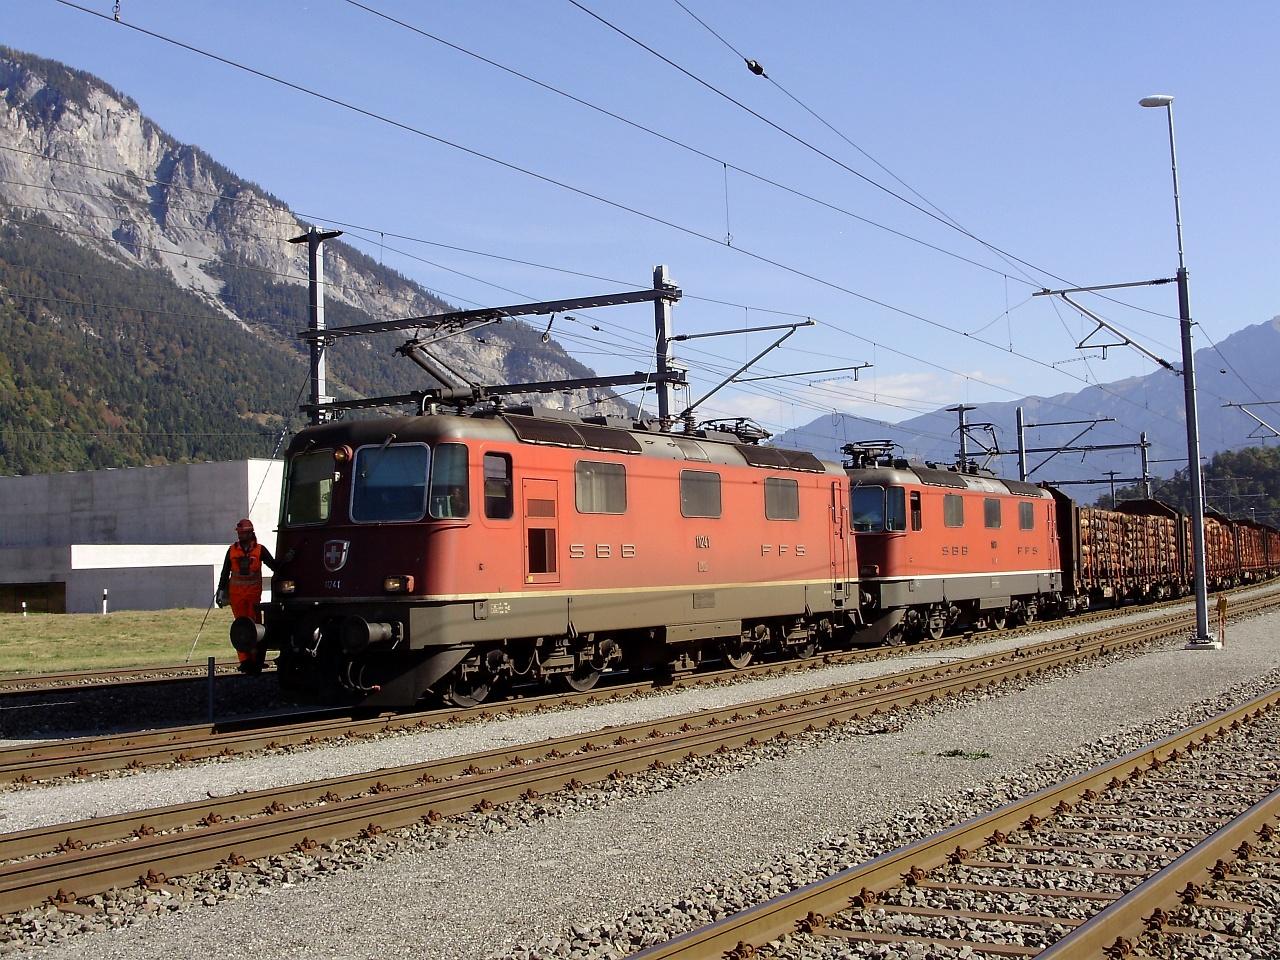 Az SBB-CFF-FFS Re 420 11241 pályaszámú mozdonya és testvére által vontatott tehervonat az RhB fonódott iparvágányán Domat/Ems és Ems Werk között fotó